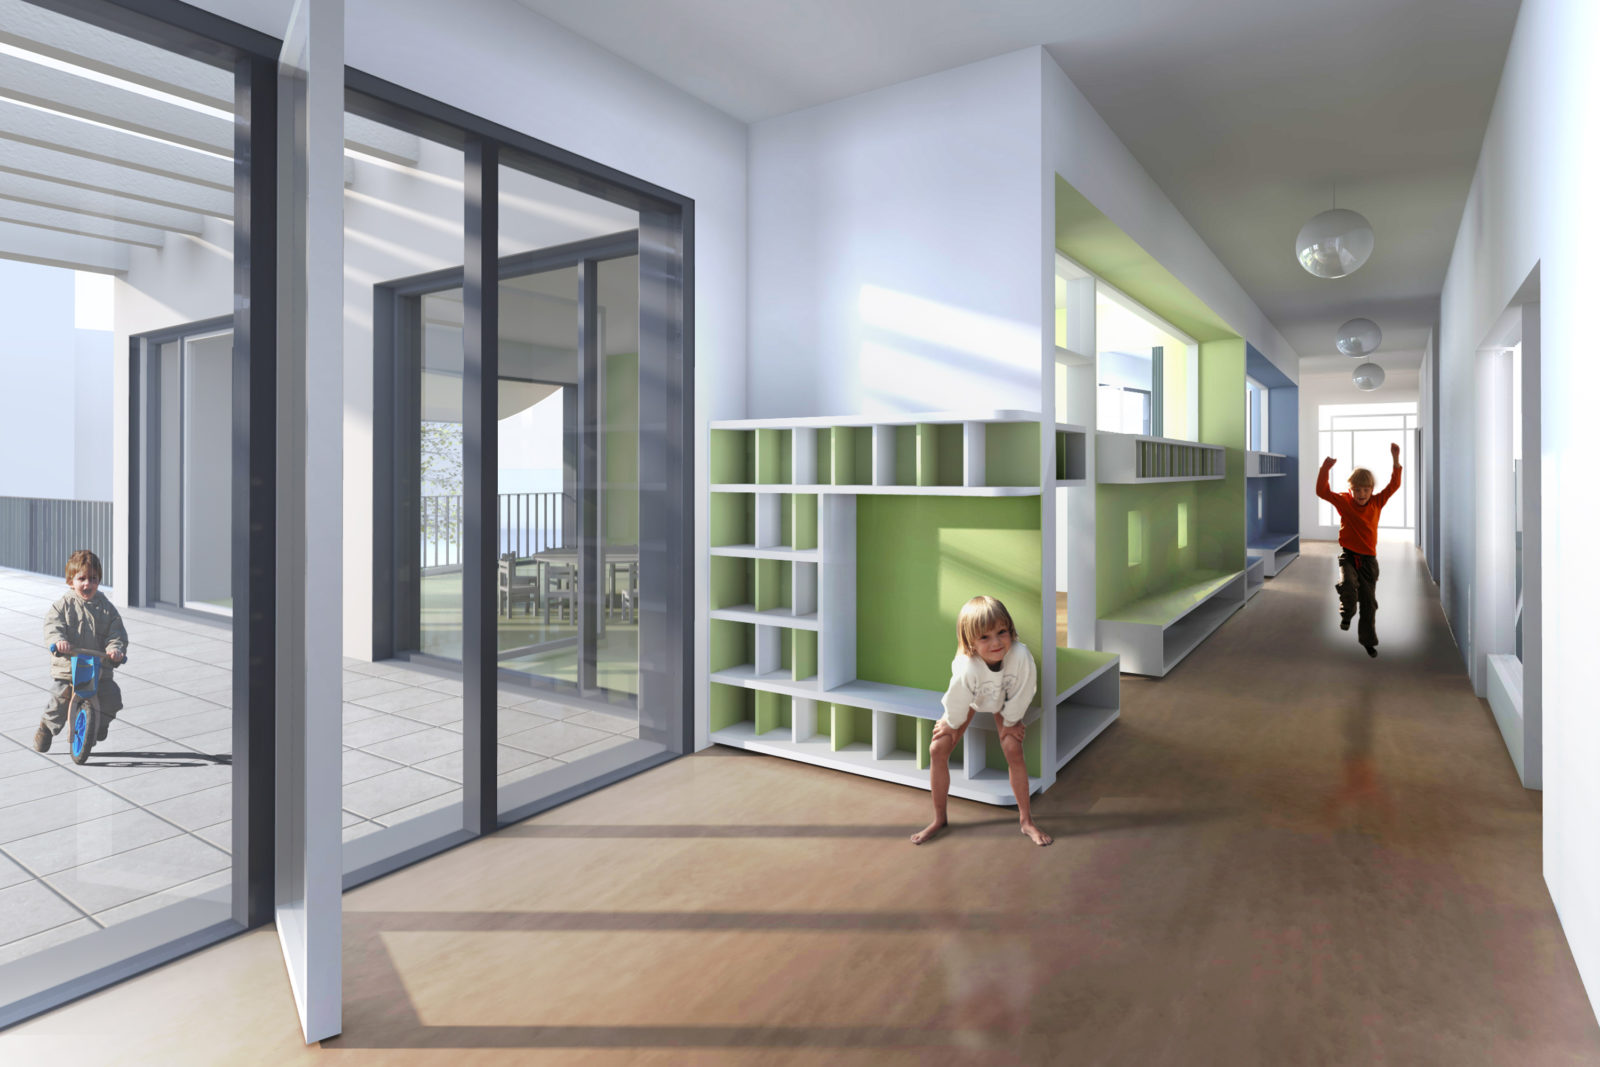 Neubau Kita Blumenstraße in Leipzig, Gohlis - Blick in den Flur mit Garderobenbereich